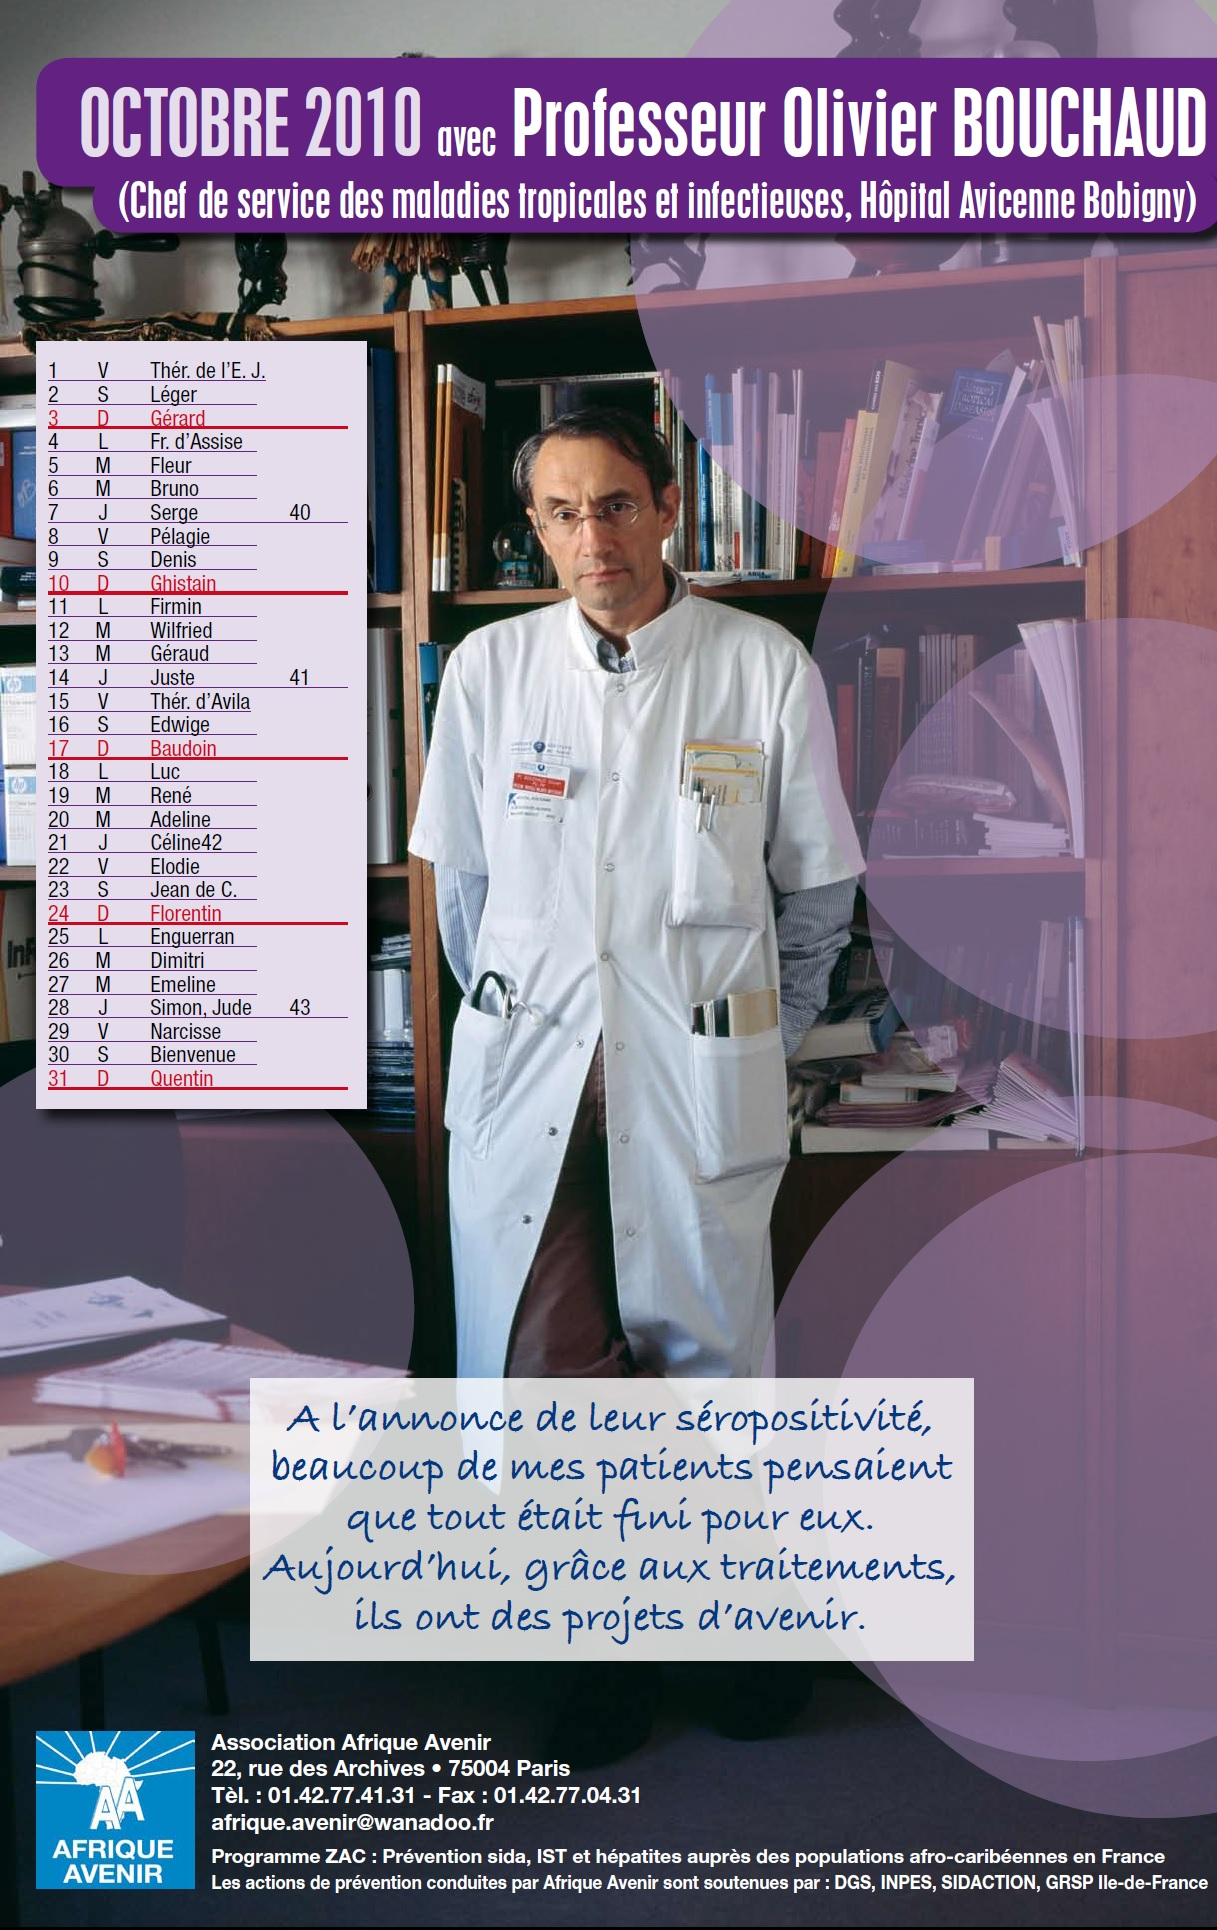 Contre le VIH/Sida avec le Professeur Olivier BOUCHAUD